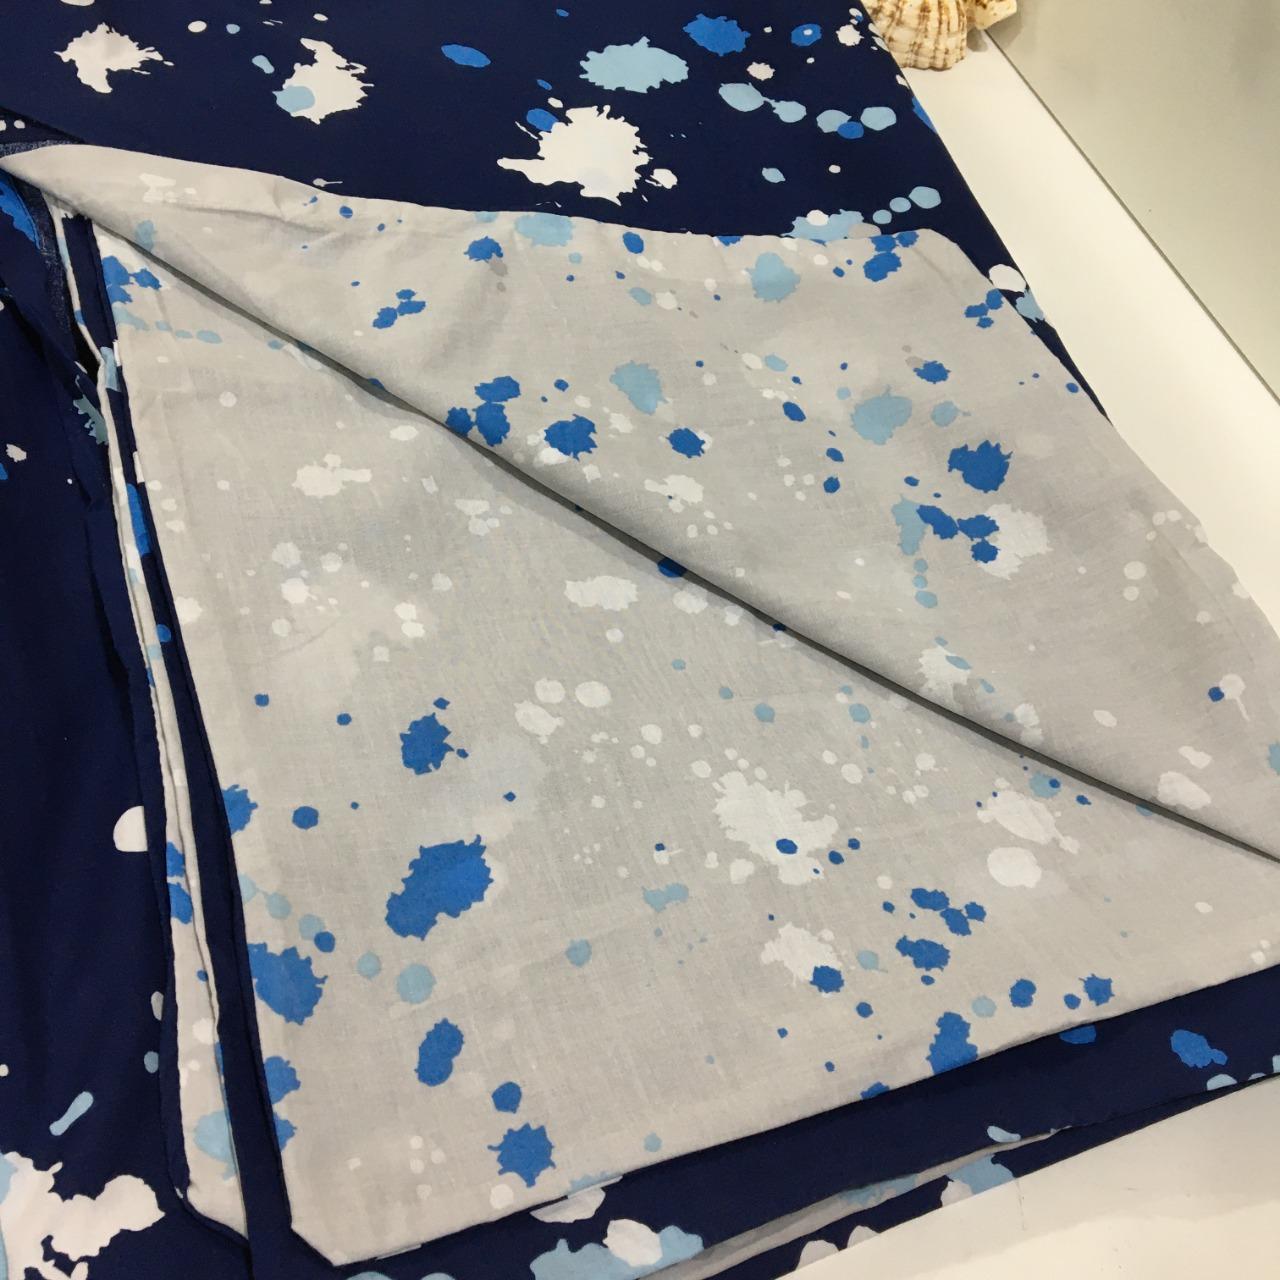 CLEARANCE - Noah, Quilt Cover Set, Single Bed, Paint Splash Pattern, Blue/White